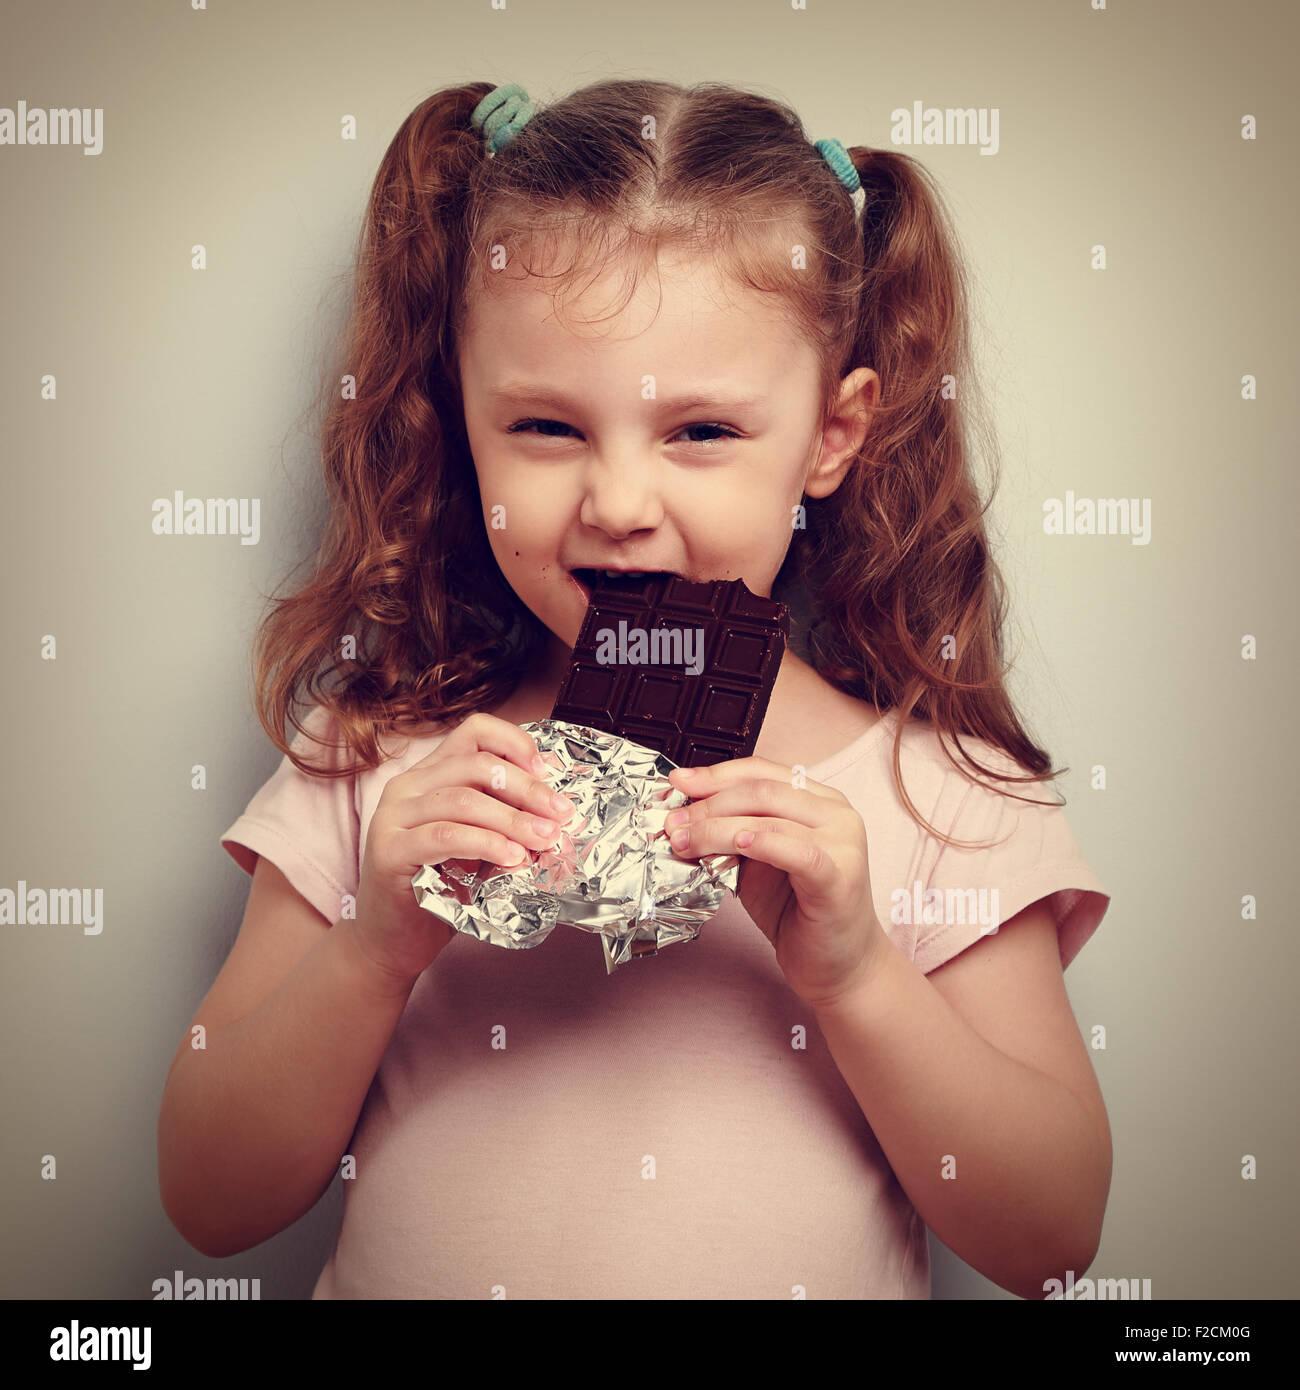 Astucia chico chica comiendo chocolate oscuro con placer y mirada curiosa. Vintage closeup retrato Imagen De Stock